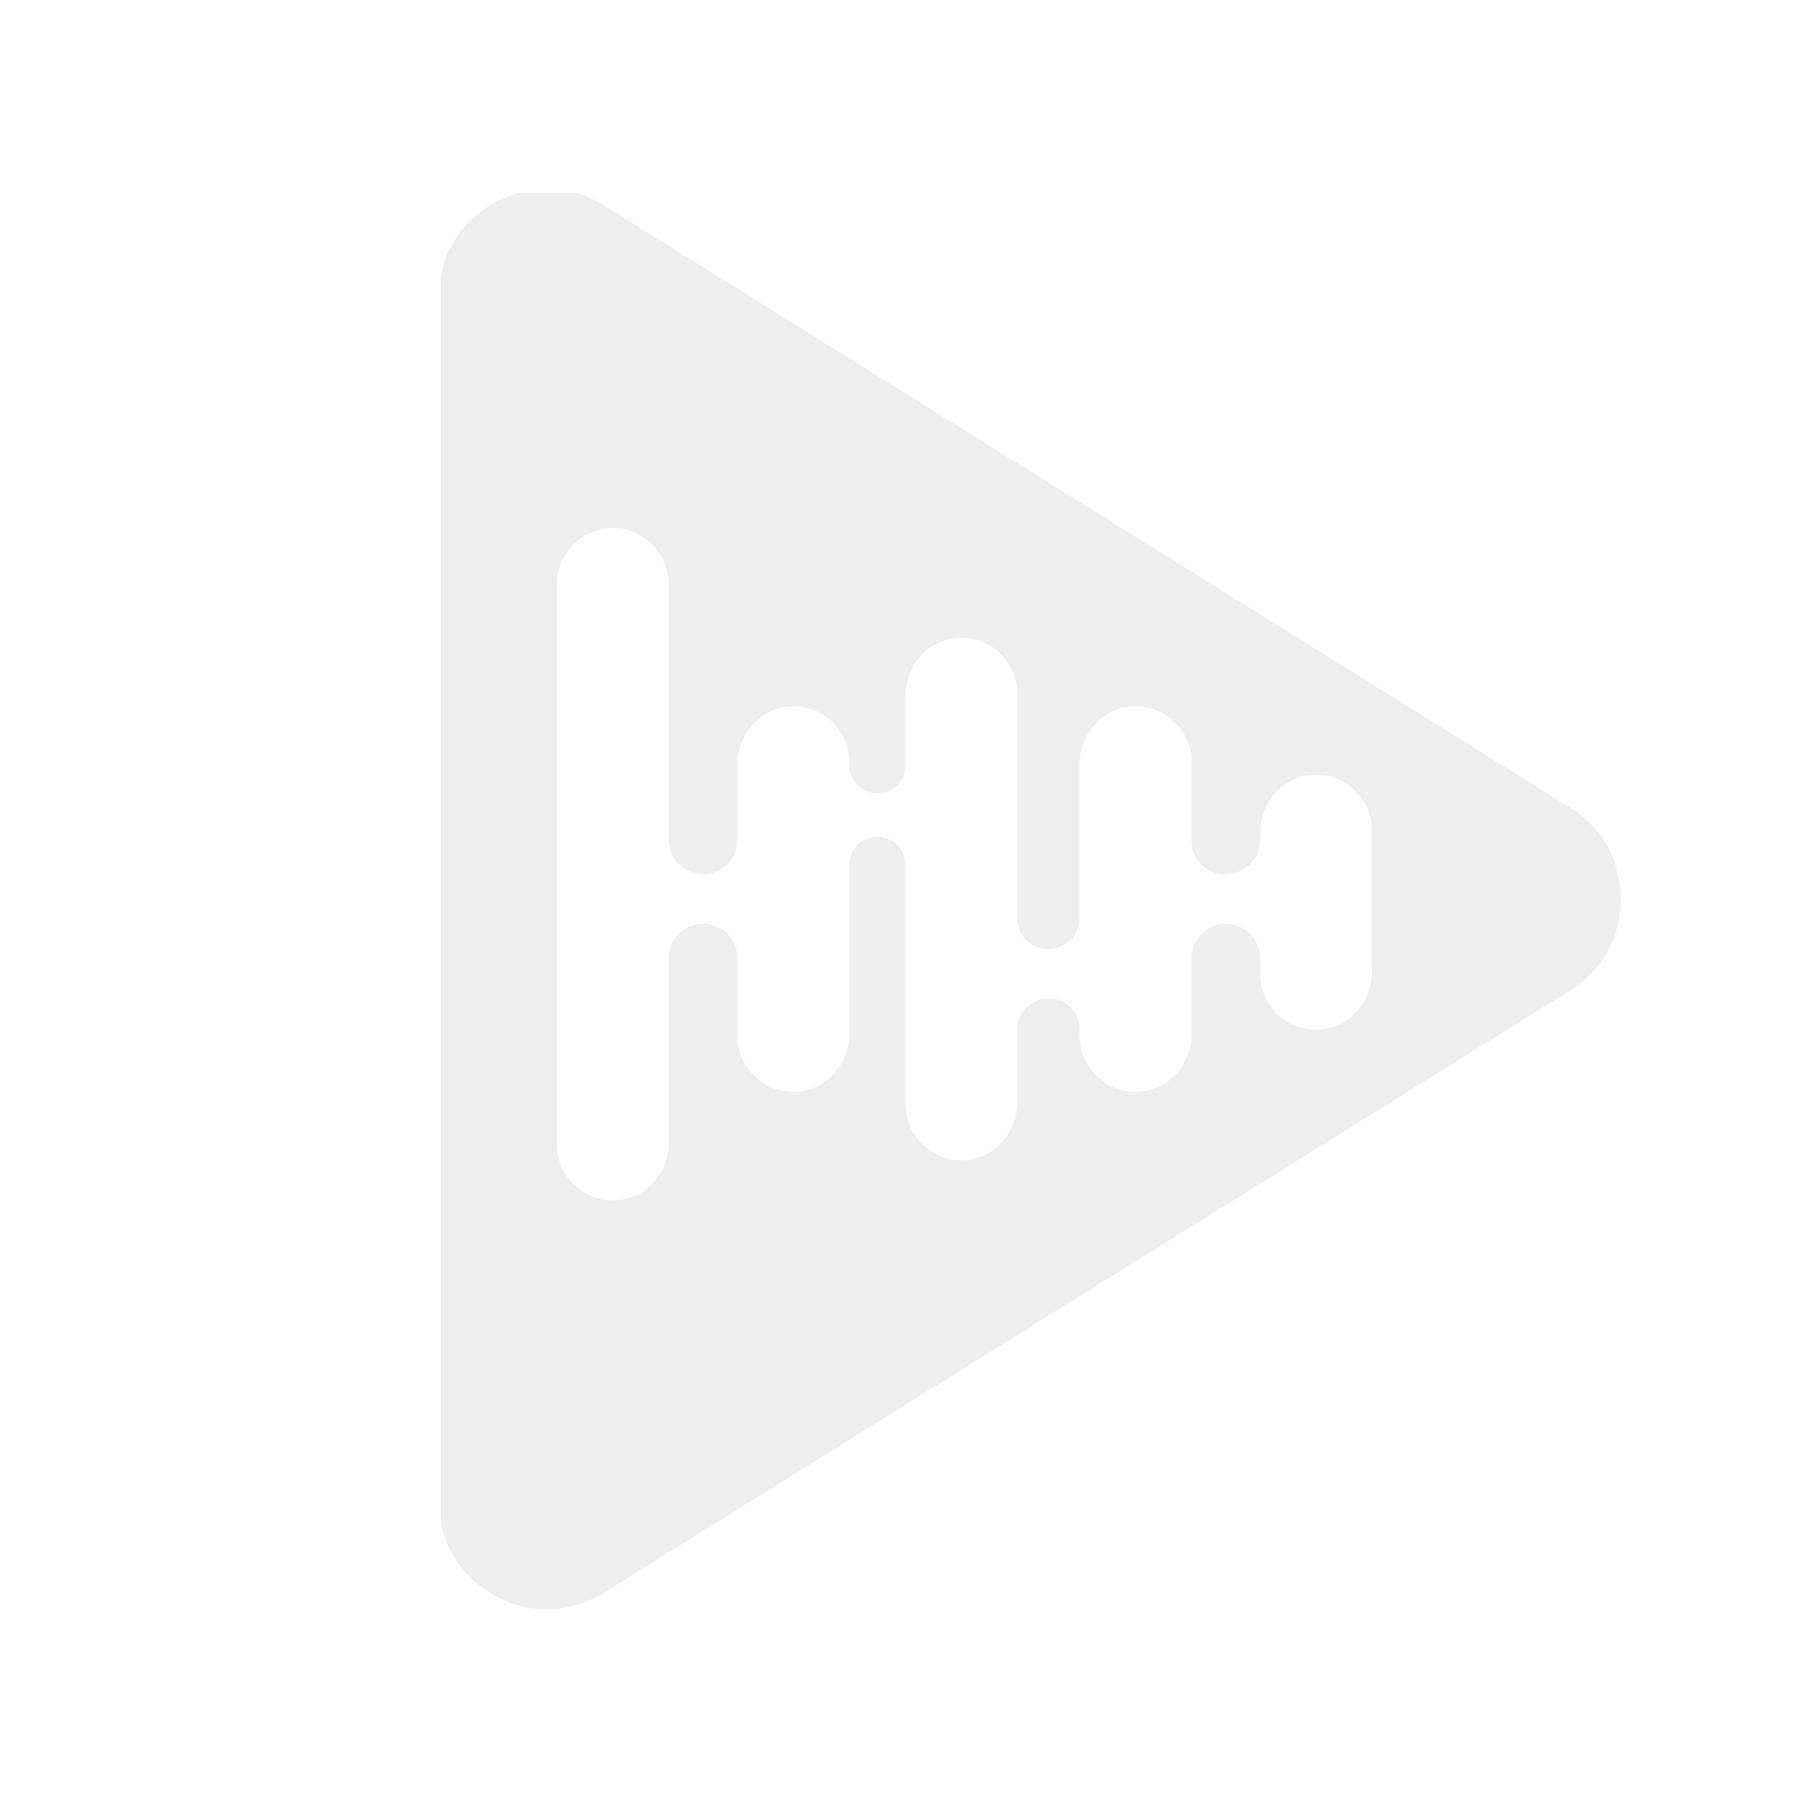 Hertz Mille Legend MLK 700.3